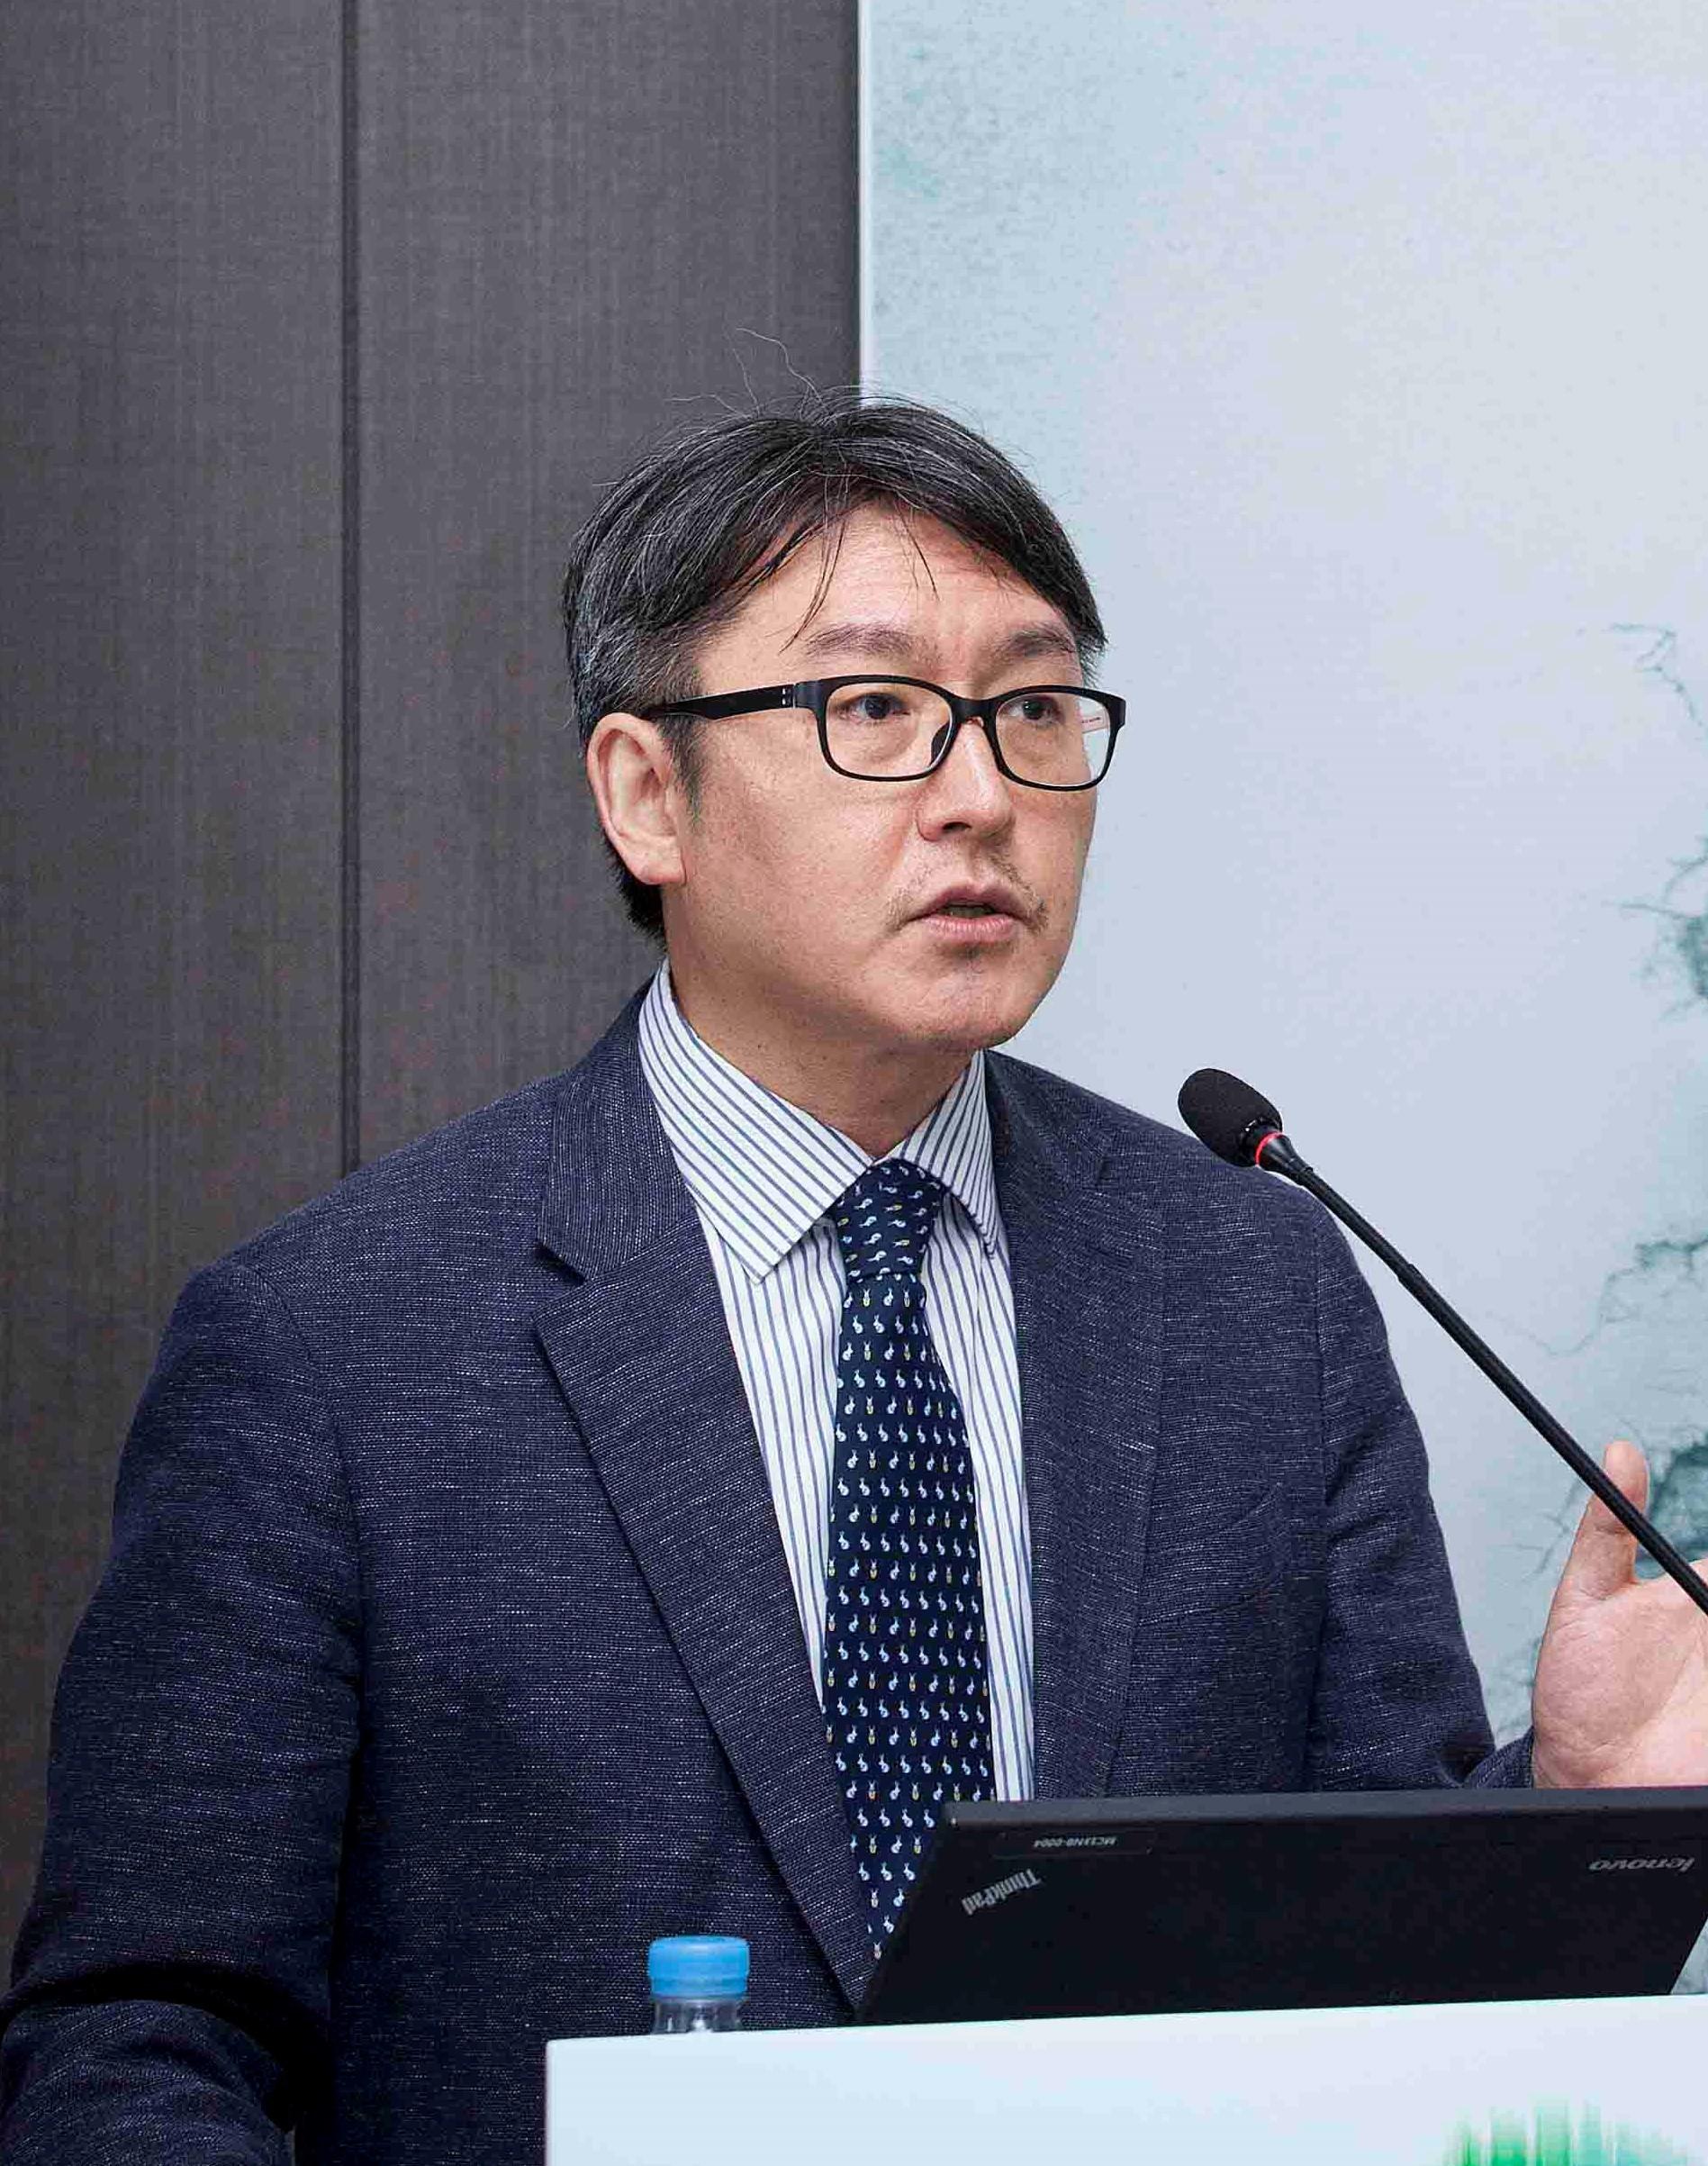 신촌세브란스병원 김도영 교수